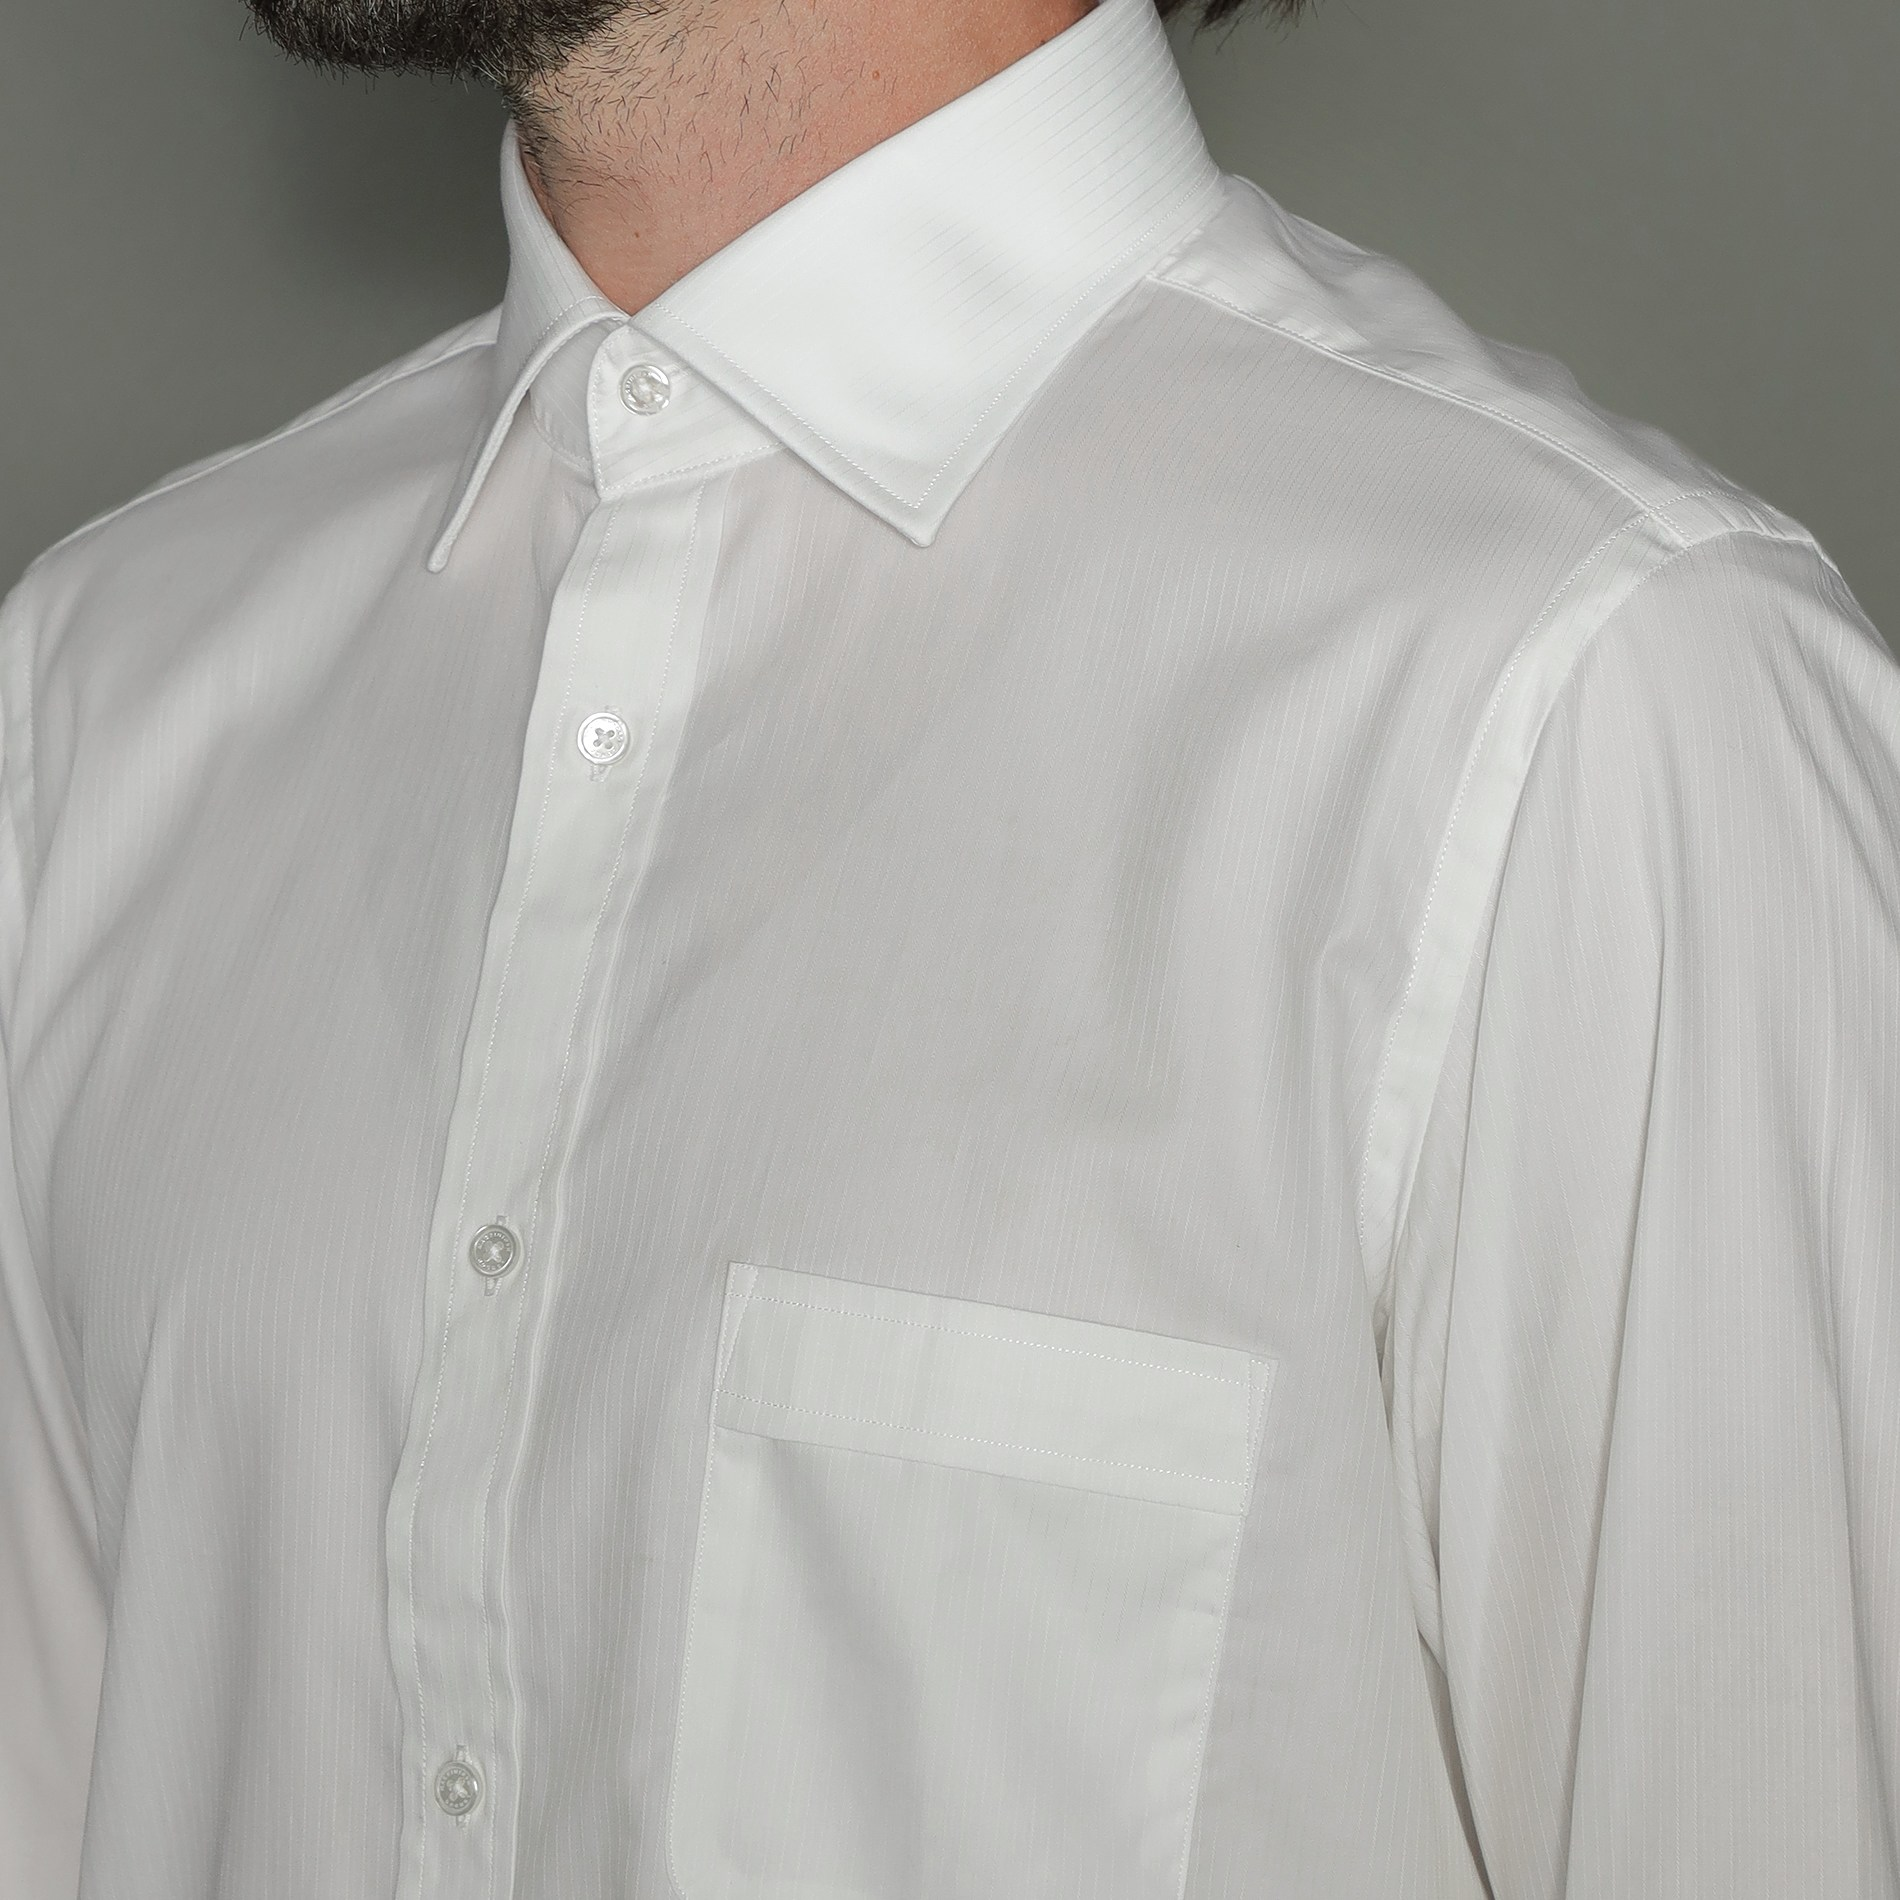 ドビーストライプシャツ